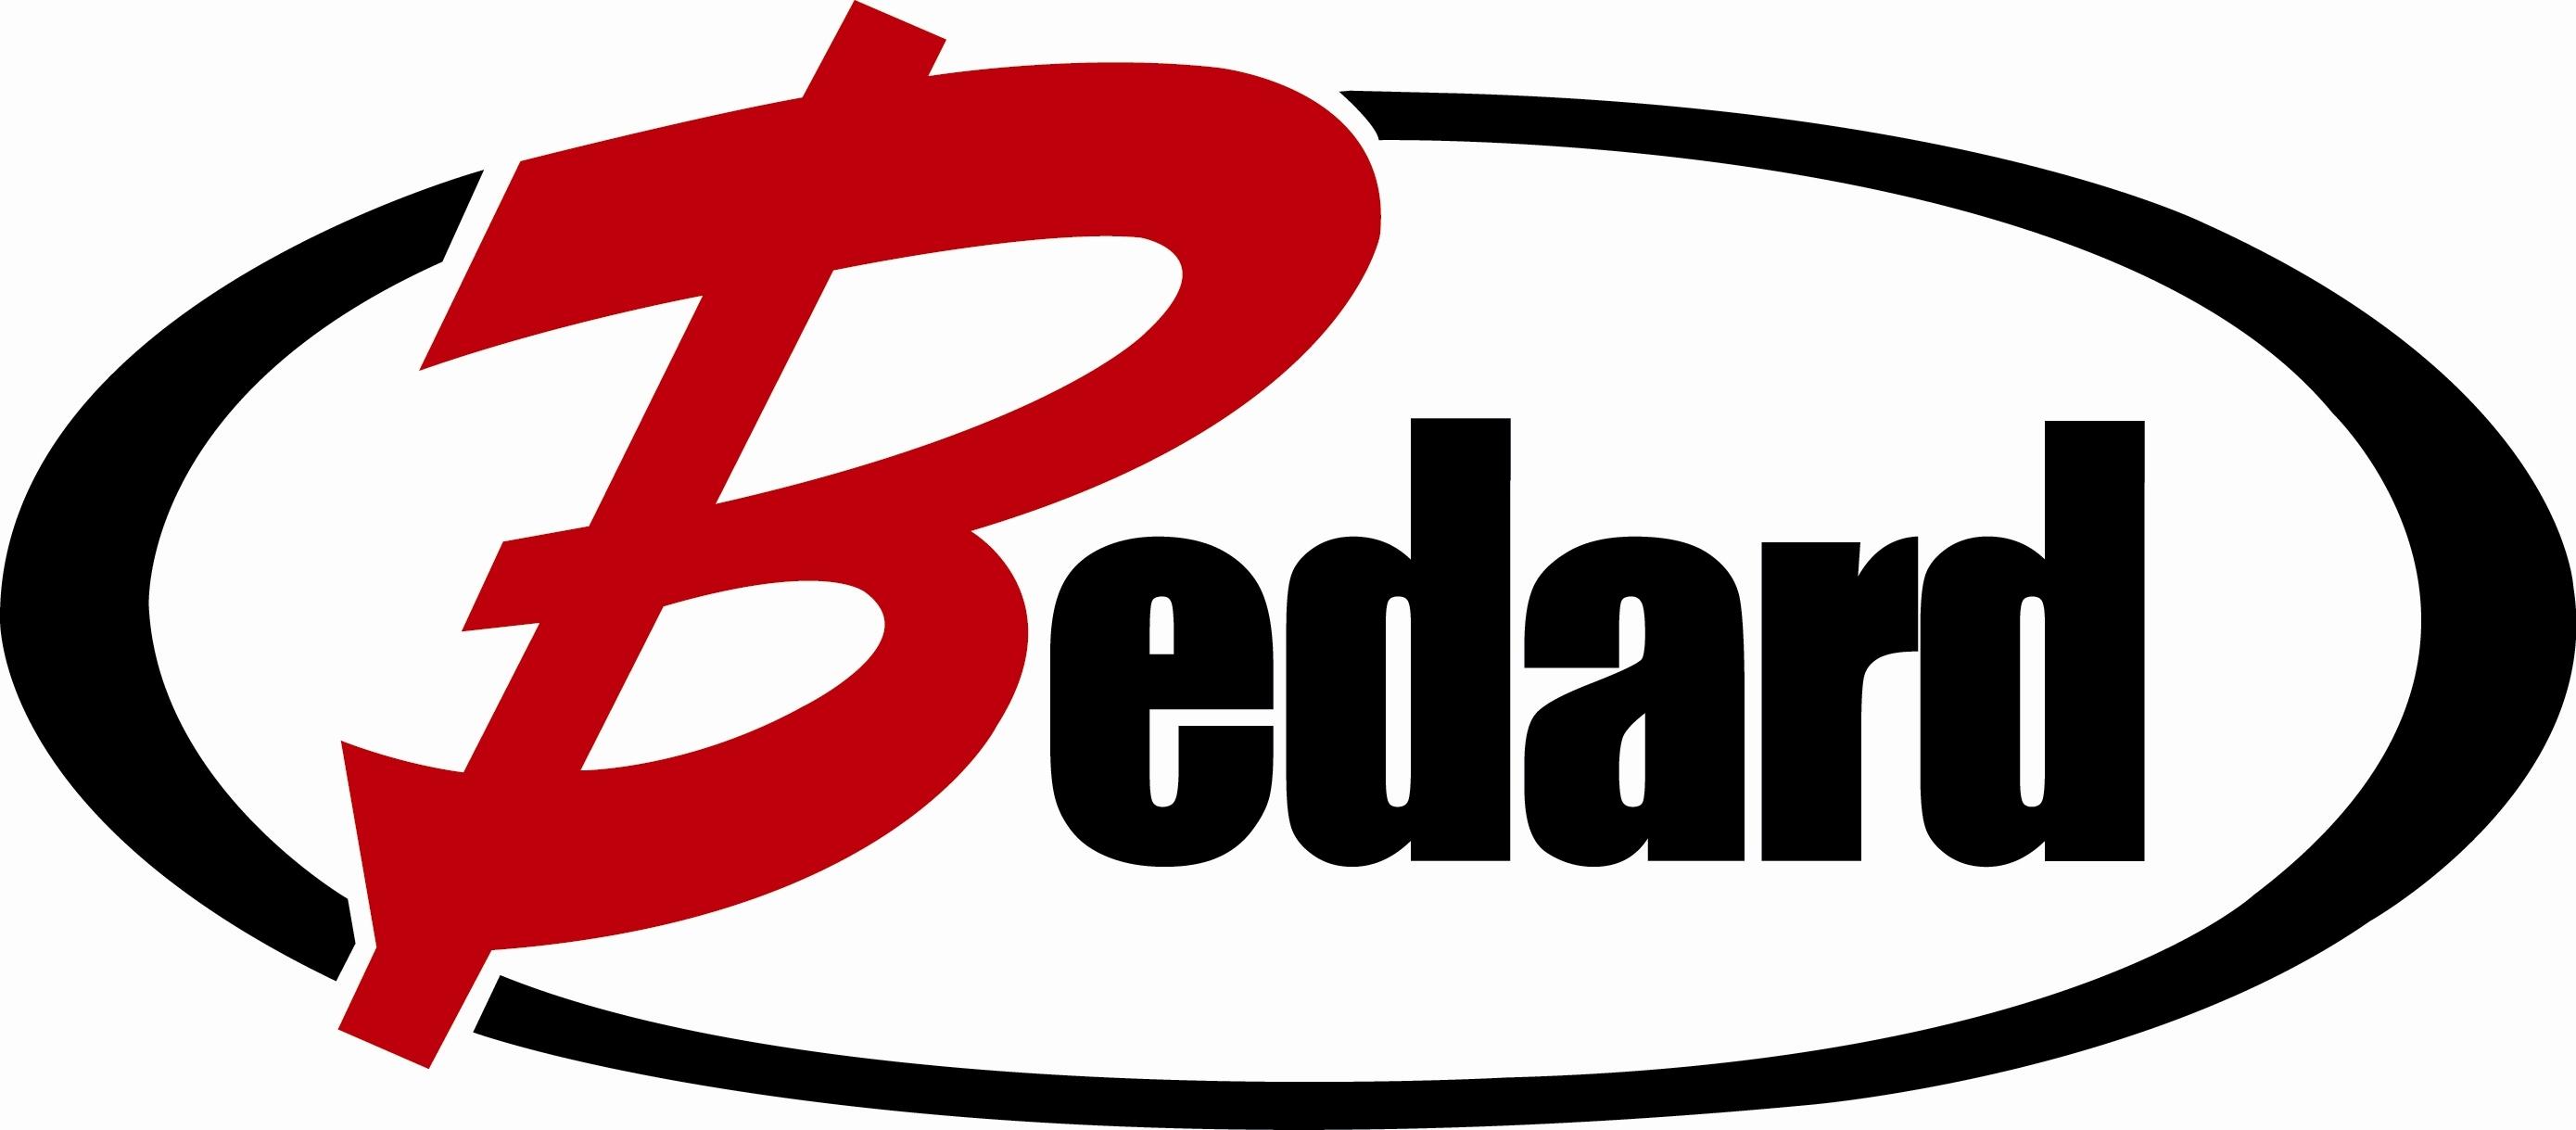 Citernes Bedard Inc.